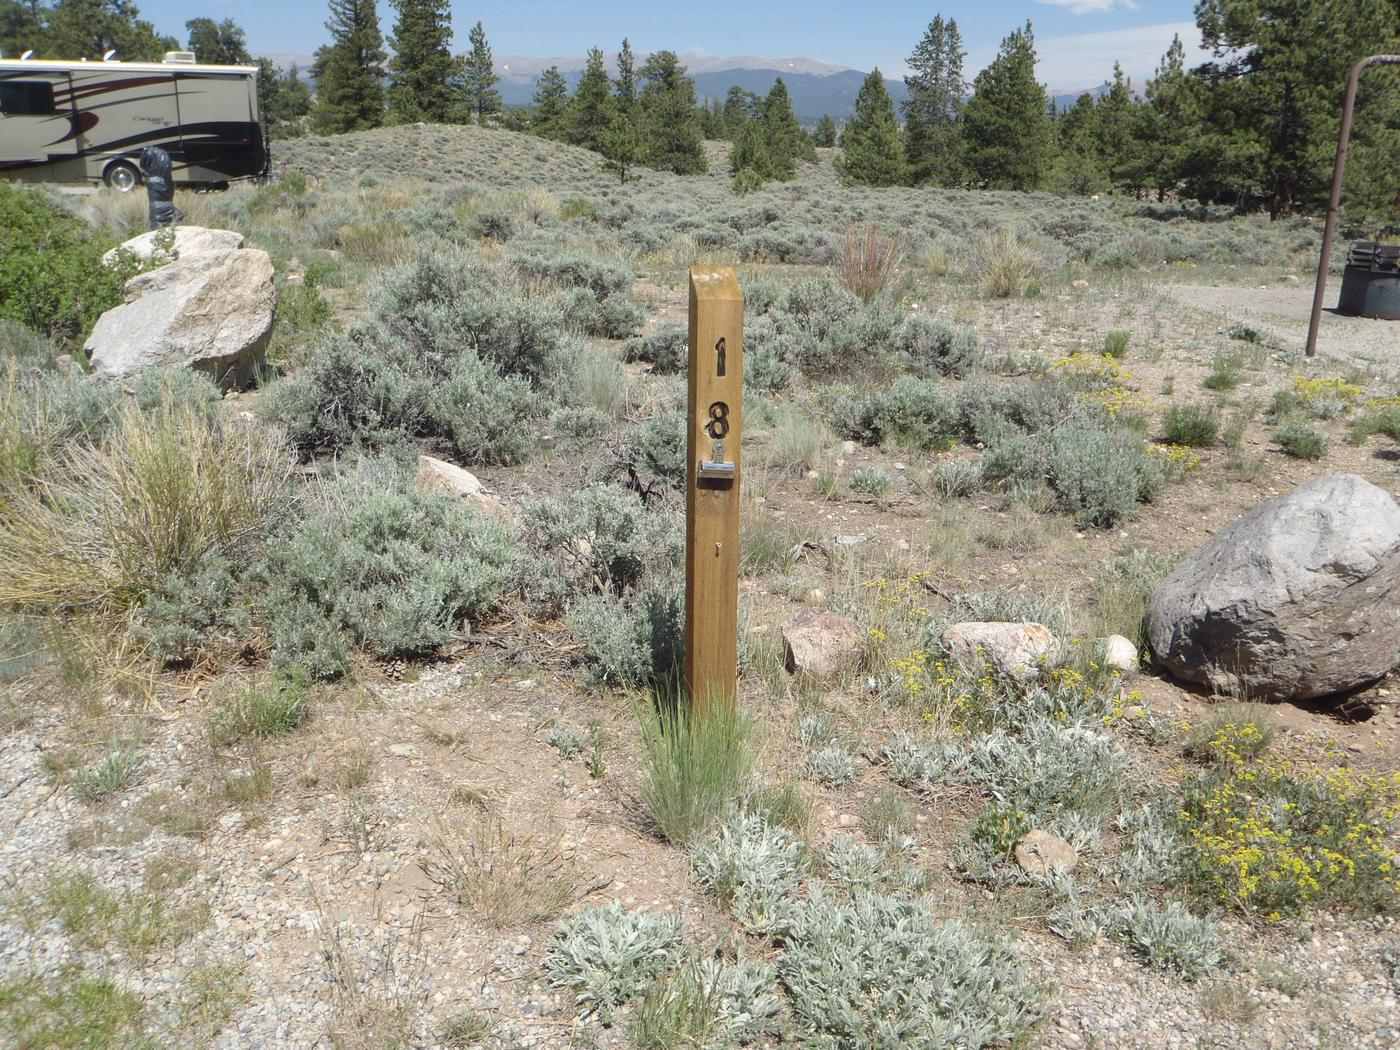 White Star Campground, site 18 marker